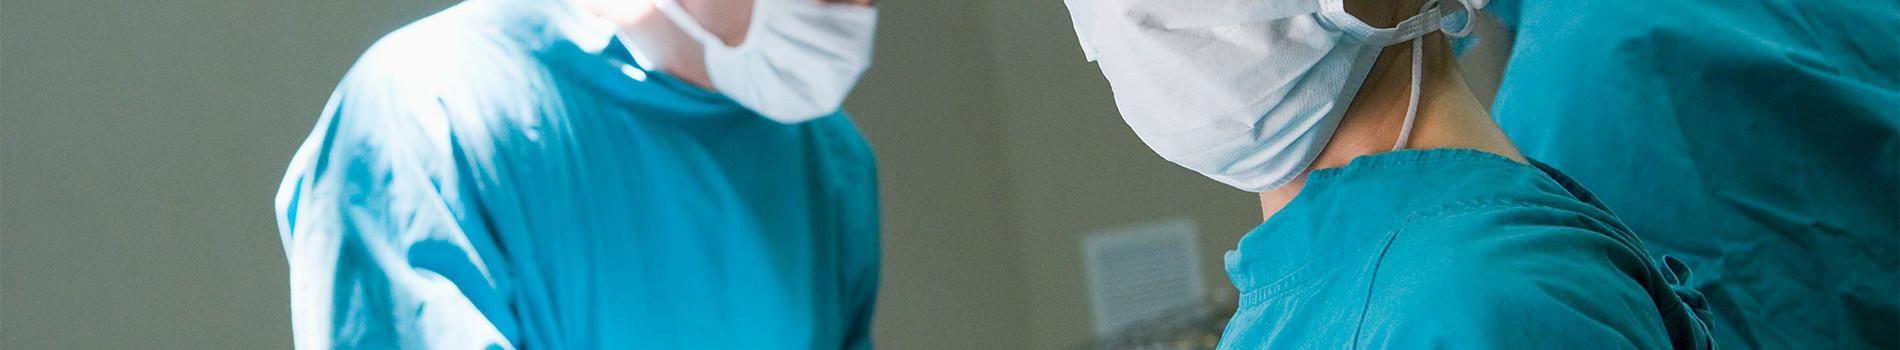 Unidad de Cirugía Mínima Invasiva - Gine4